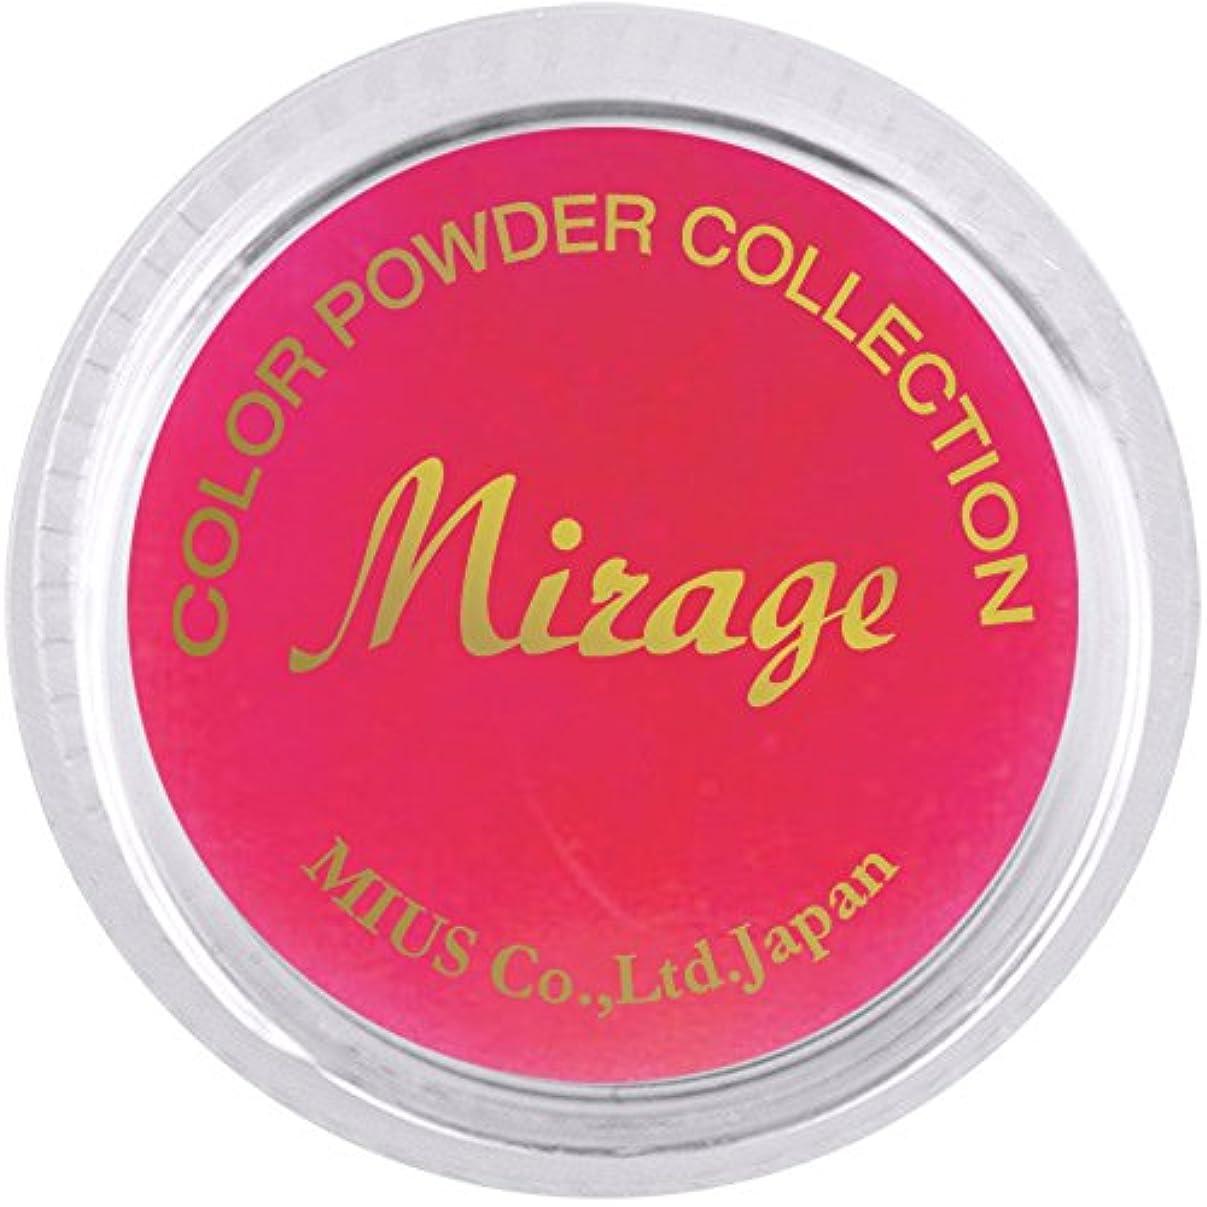 ミラージュ カラーパウダー N/CPS-6  7g  アクリルパウダー 色鮮やかな蛍光スタンダードカラー